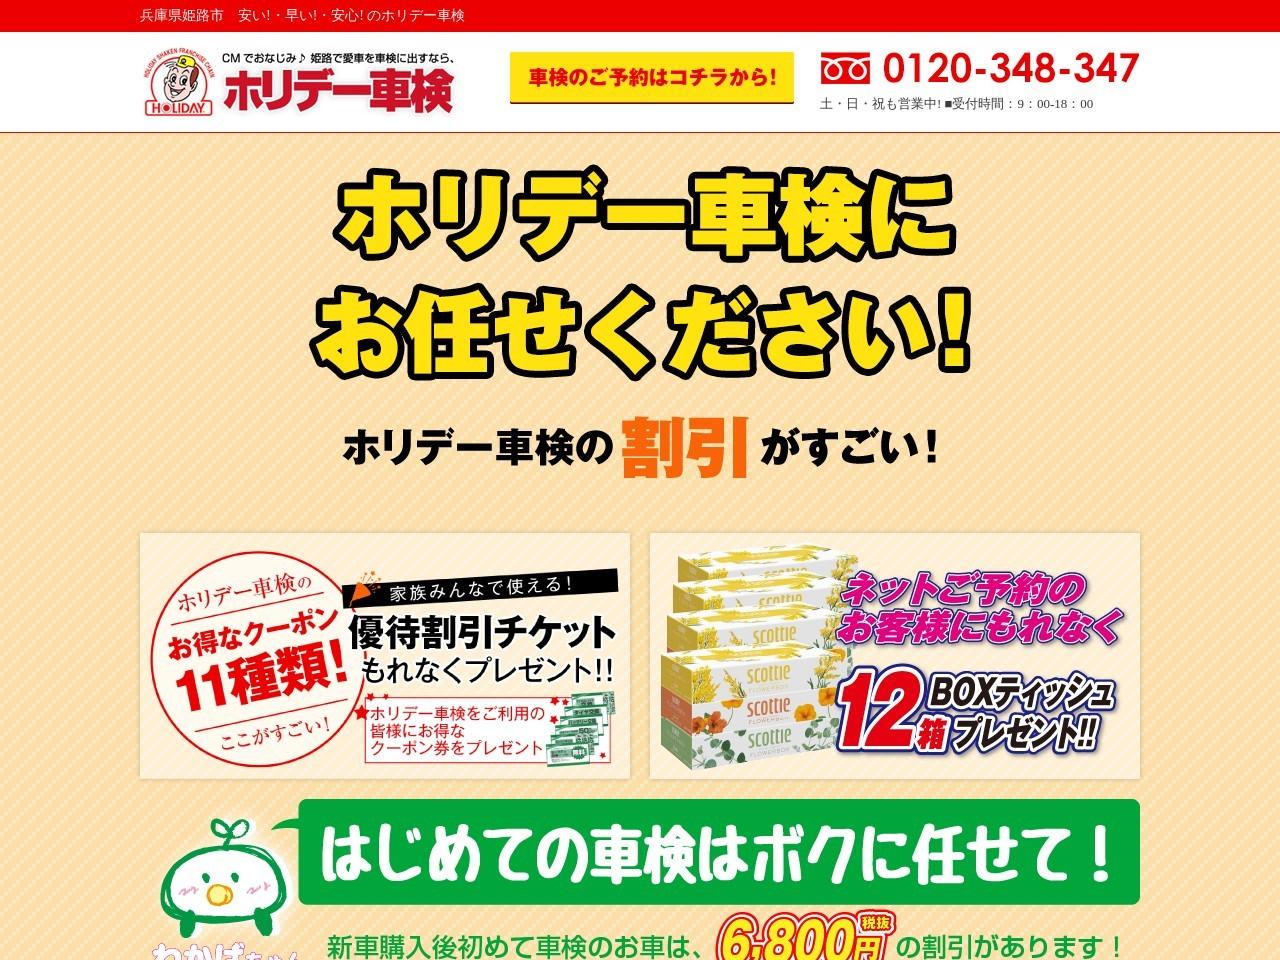 ホリデー車検姫路/今宿店